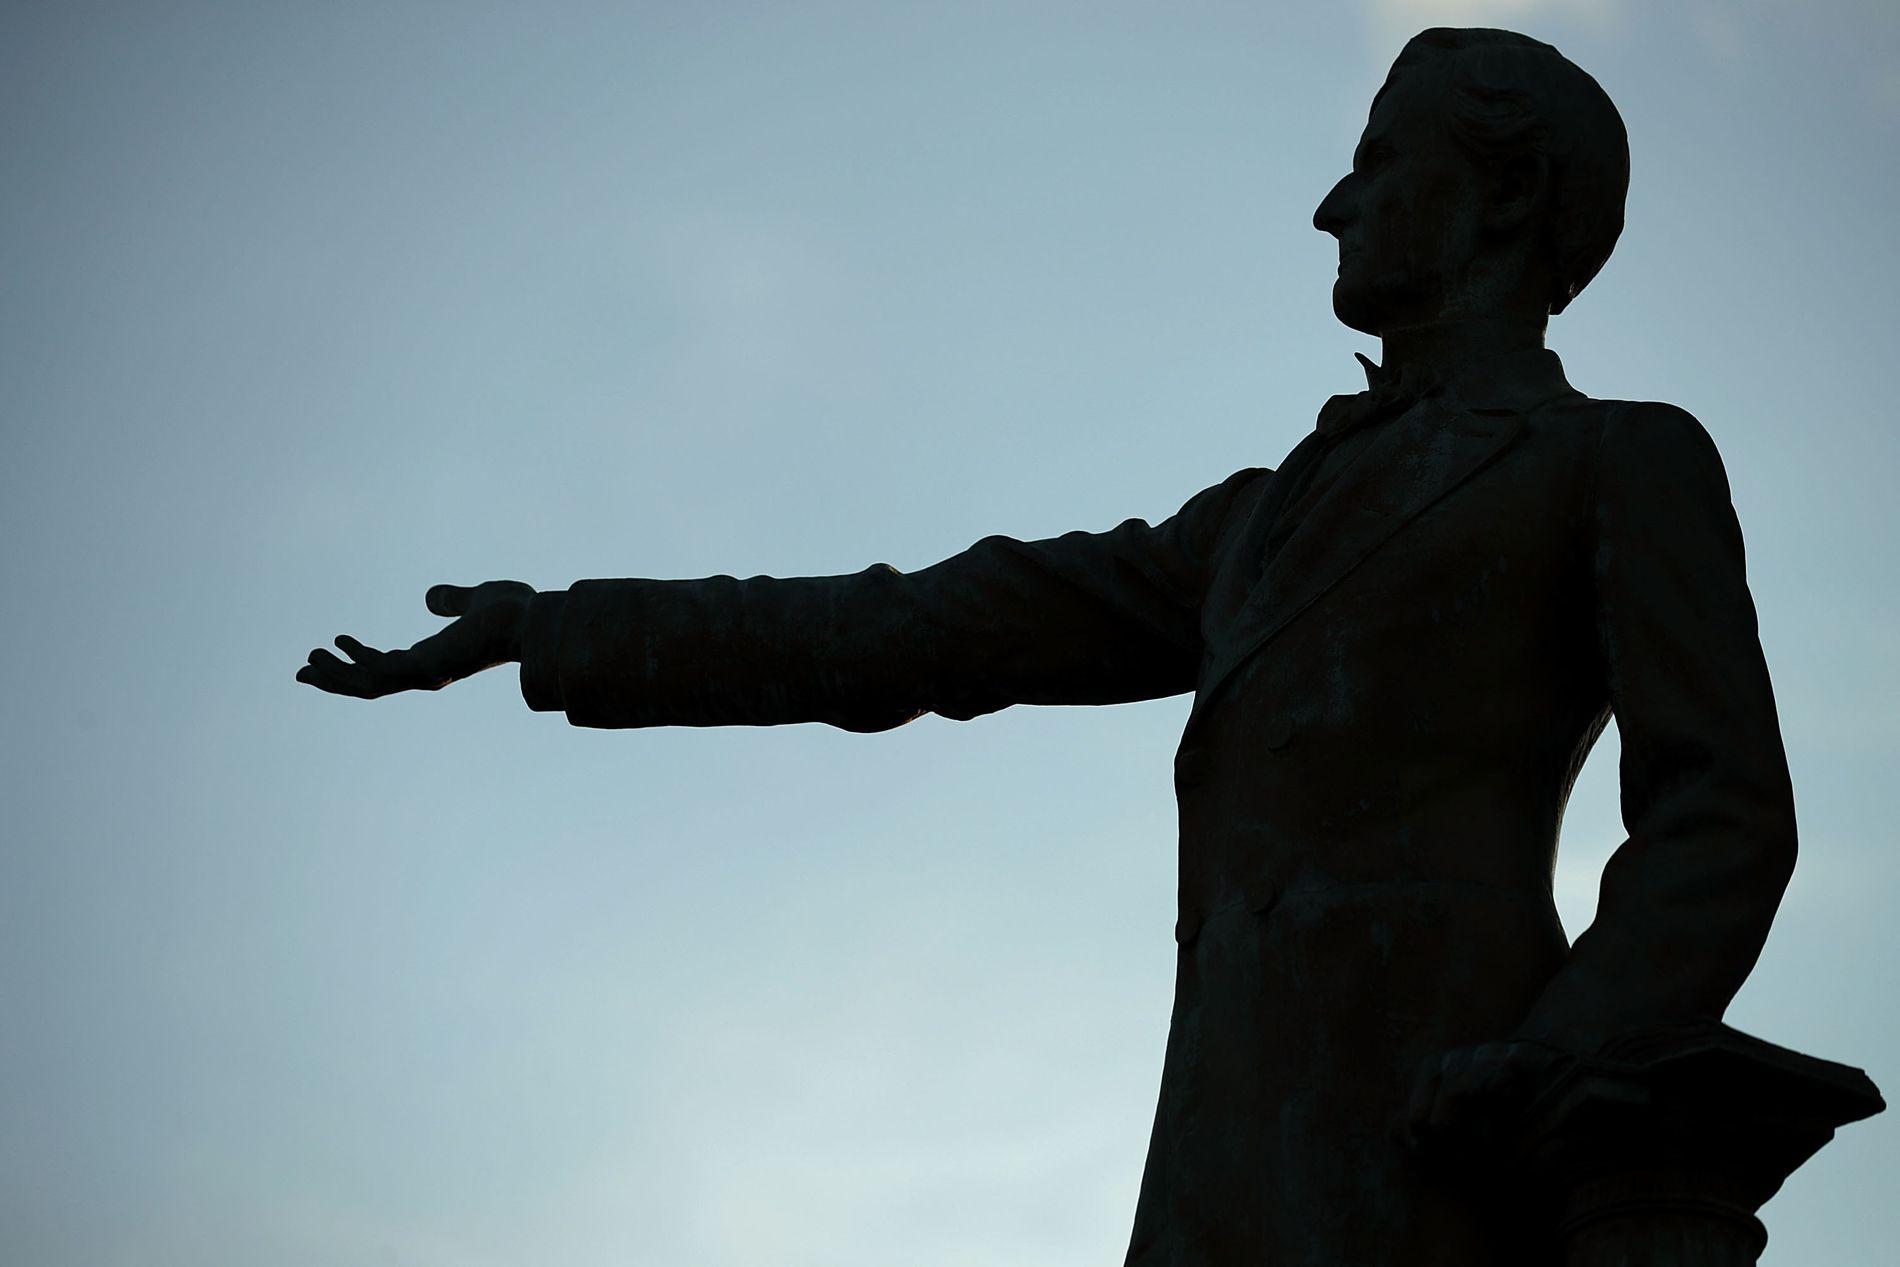 STATUESTRID: – Konføderasjons-minnesmerkene ble i hovedsak satt opp i to historiske perioder: Tidlig i det 20. århundret, og på 1950- og 1960-tallet, skriver Hilde Restad. Her statuen av Konføderasjonens president Jefferson Davis i Richmond, Virginia.